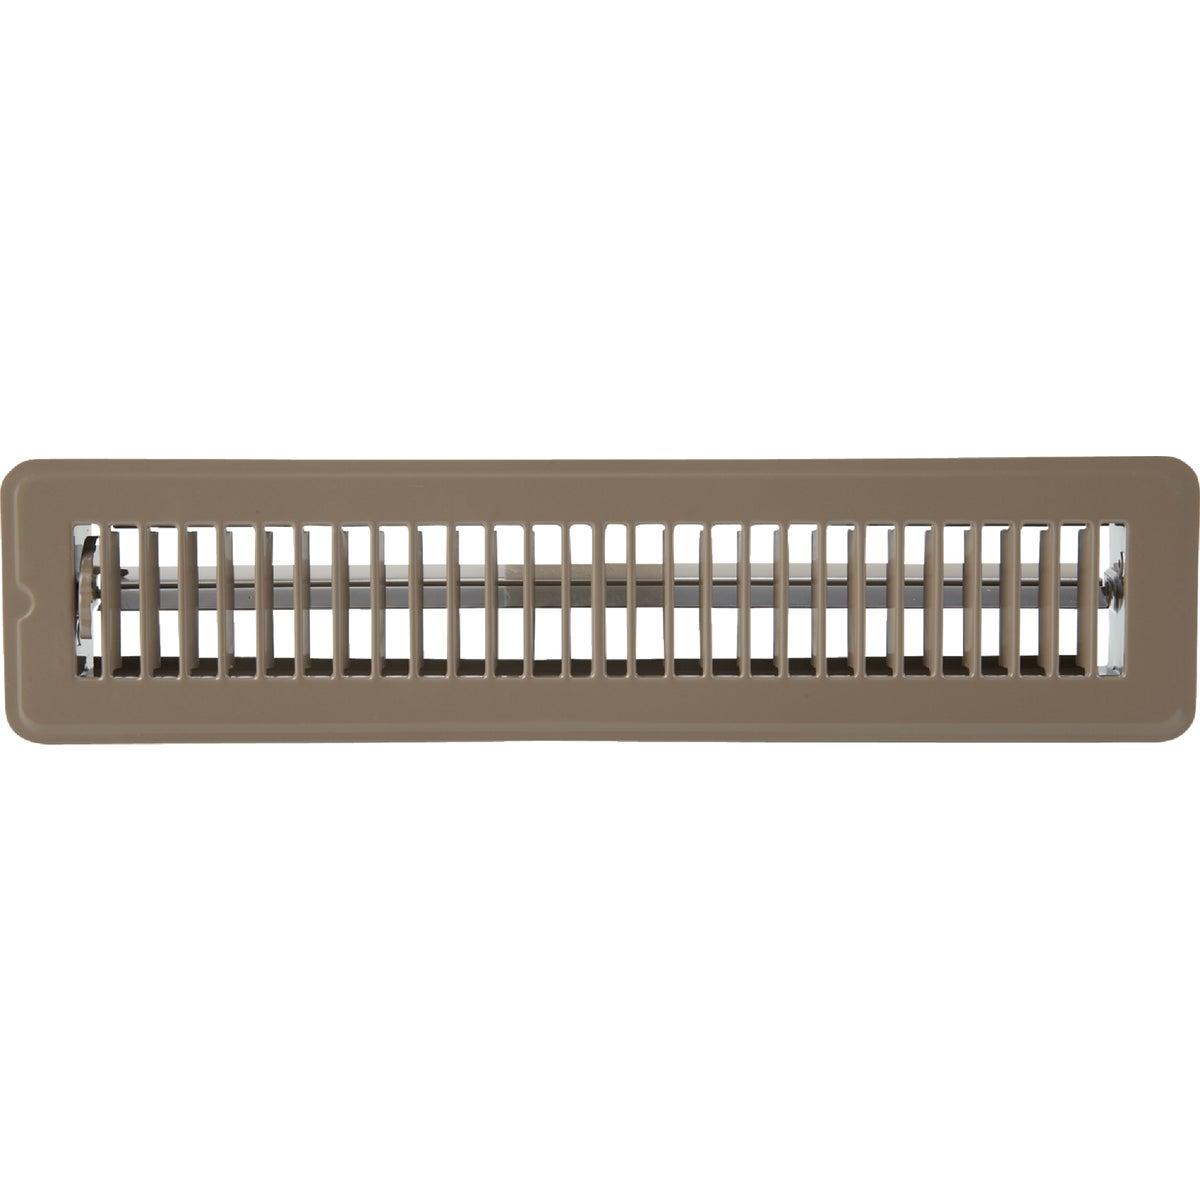 Home Impressions Steel Floor Register, 1FL0214BR-NH